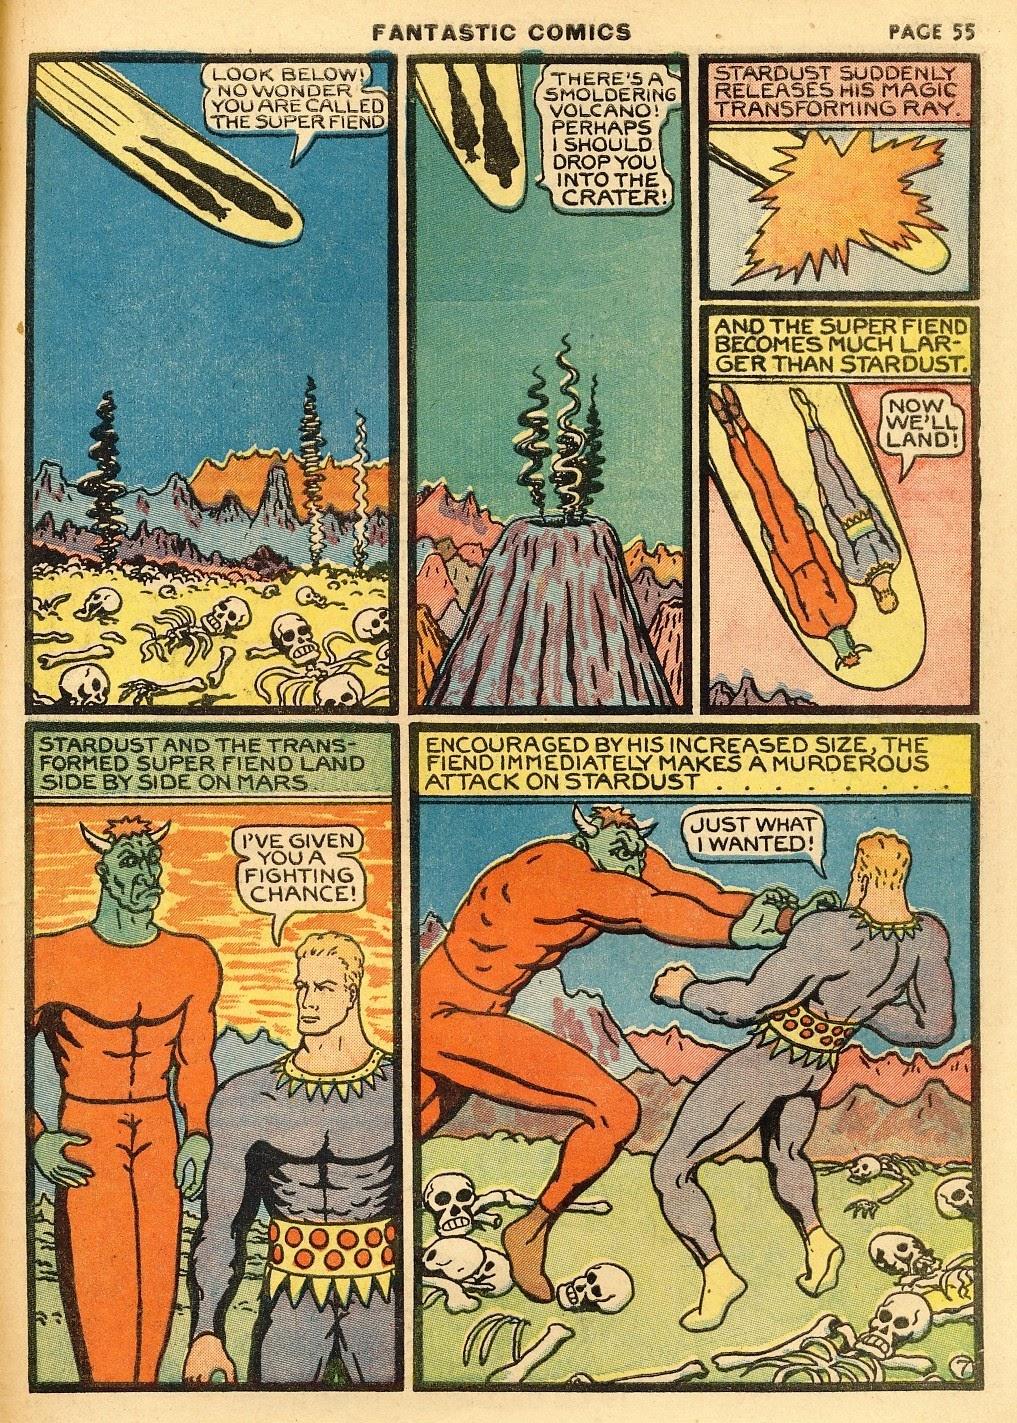 Read online Fantastic Comics comic -  Issue #10 - 56